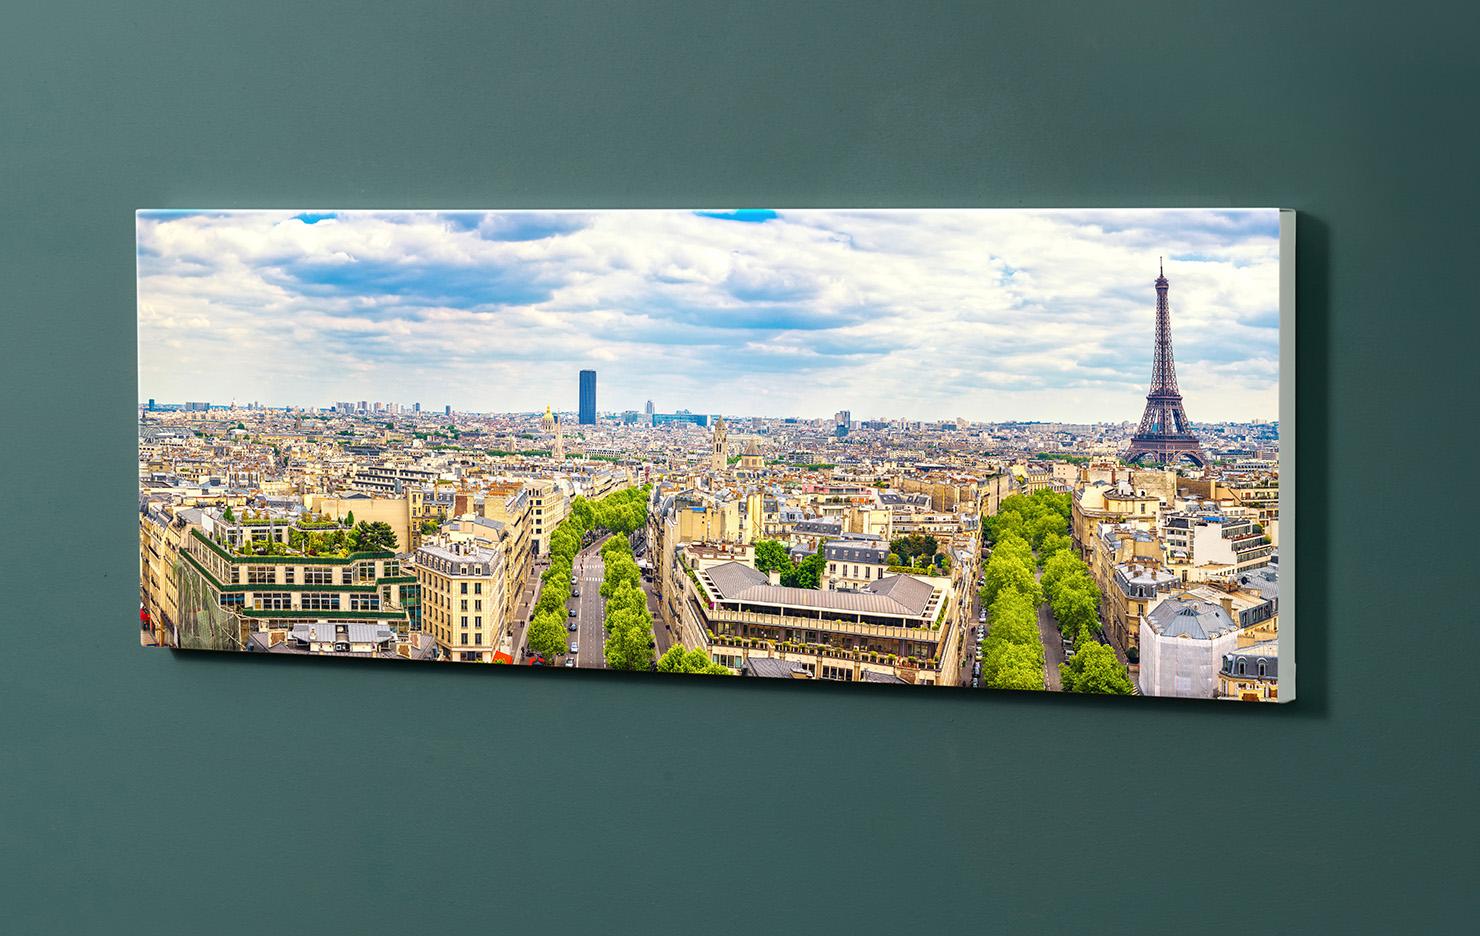 Magnettafel NOTIZ 90x30cm Motiv-Pinnwand M141 Paris Eifelturm